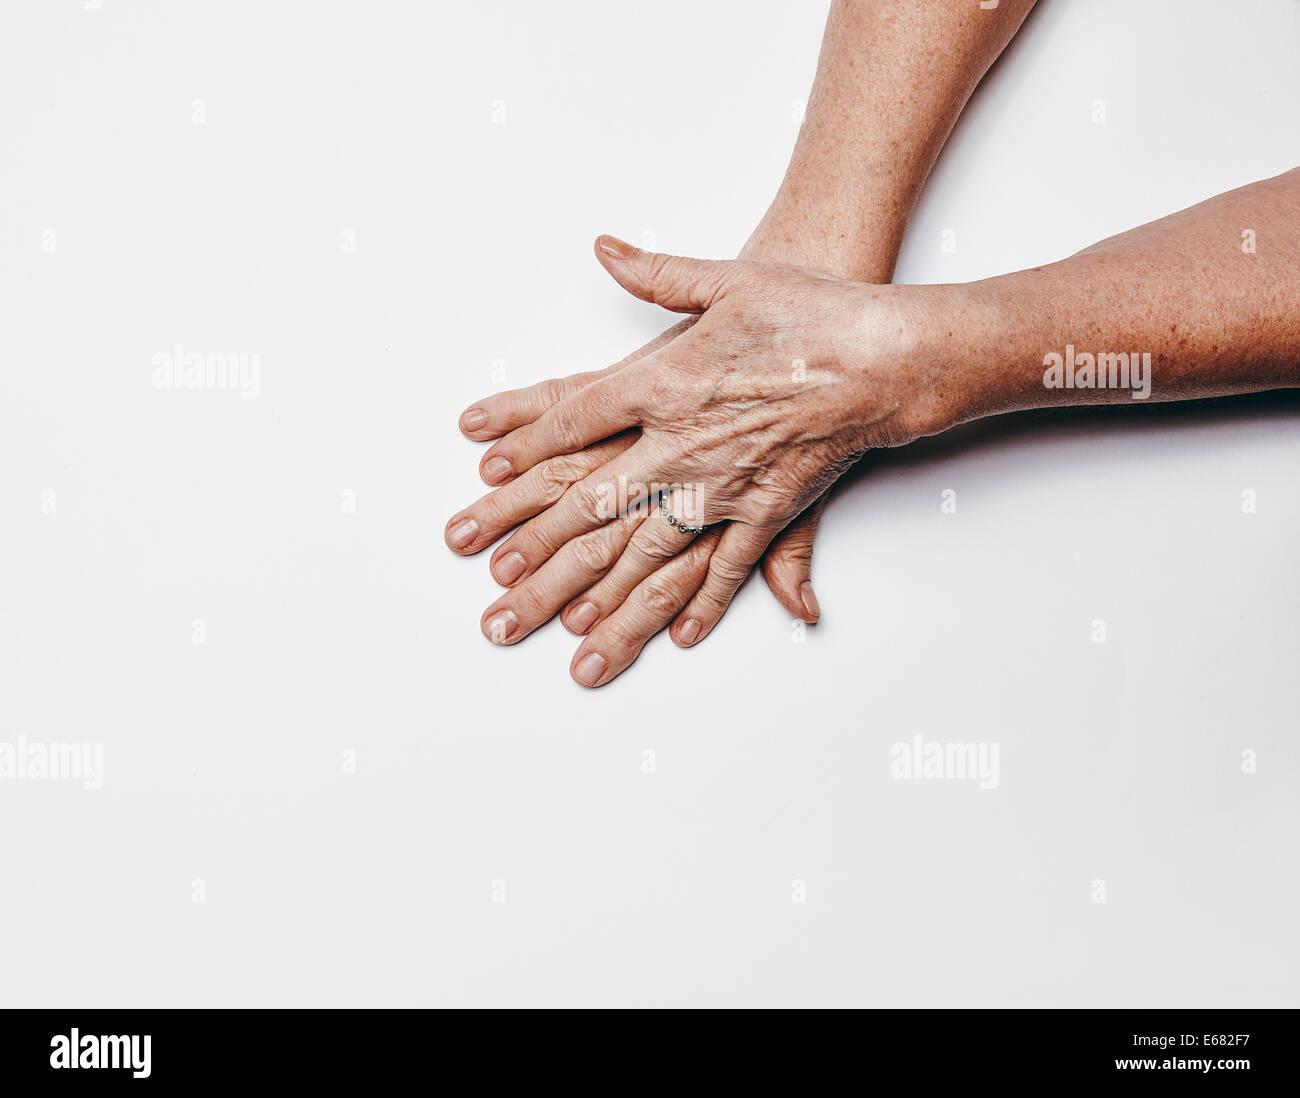 Draufsicht der alte weibliche Hände mit Fingern überqueren. Ältere Frau Hände isoliert auf weißem Stockbild